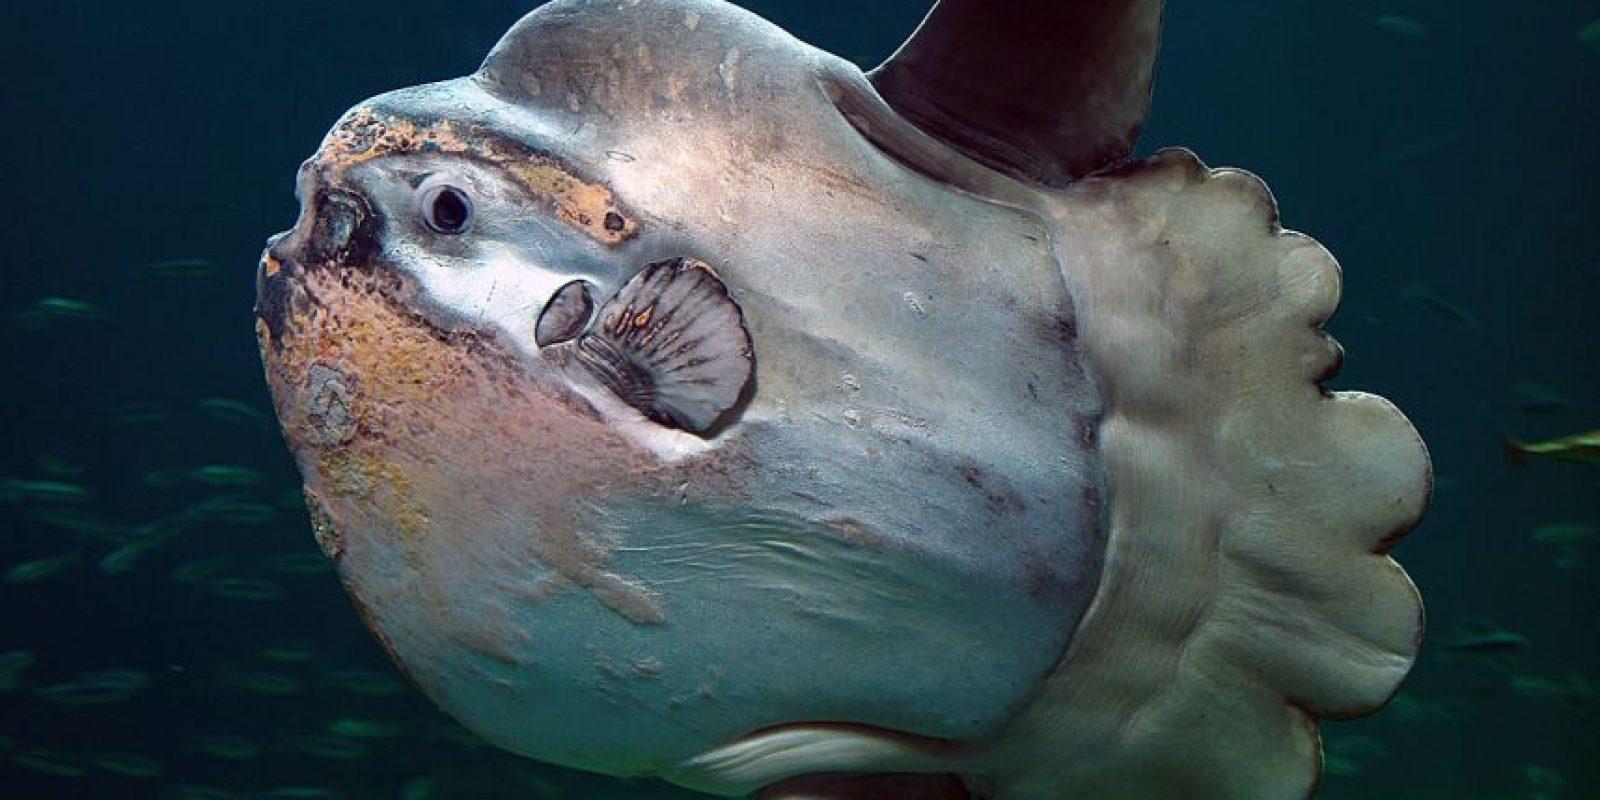 Y cuando extiende sus aletas dorsales y ventrales, es tan largo como alto Foto:Wikicommons